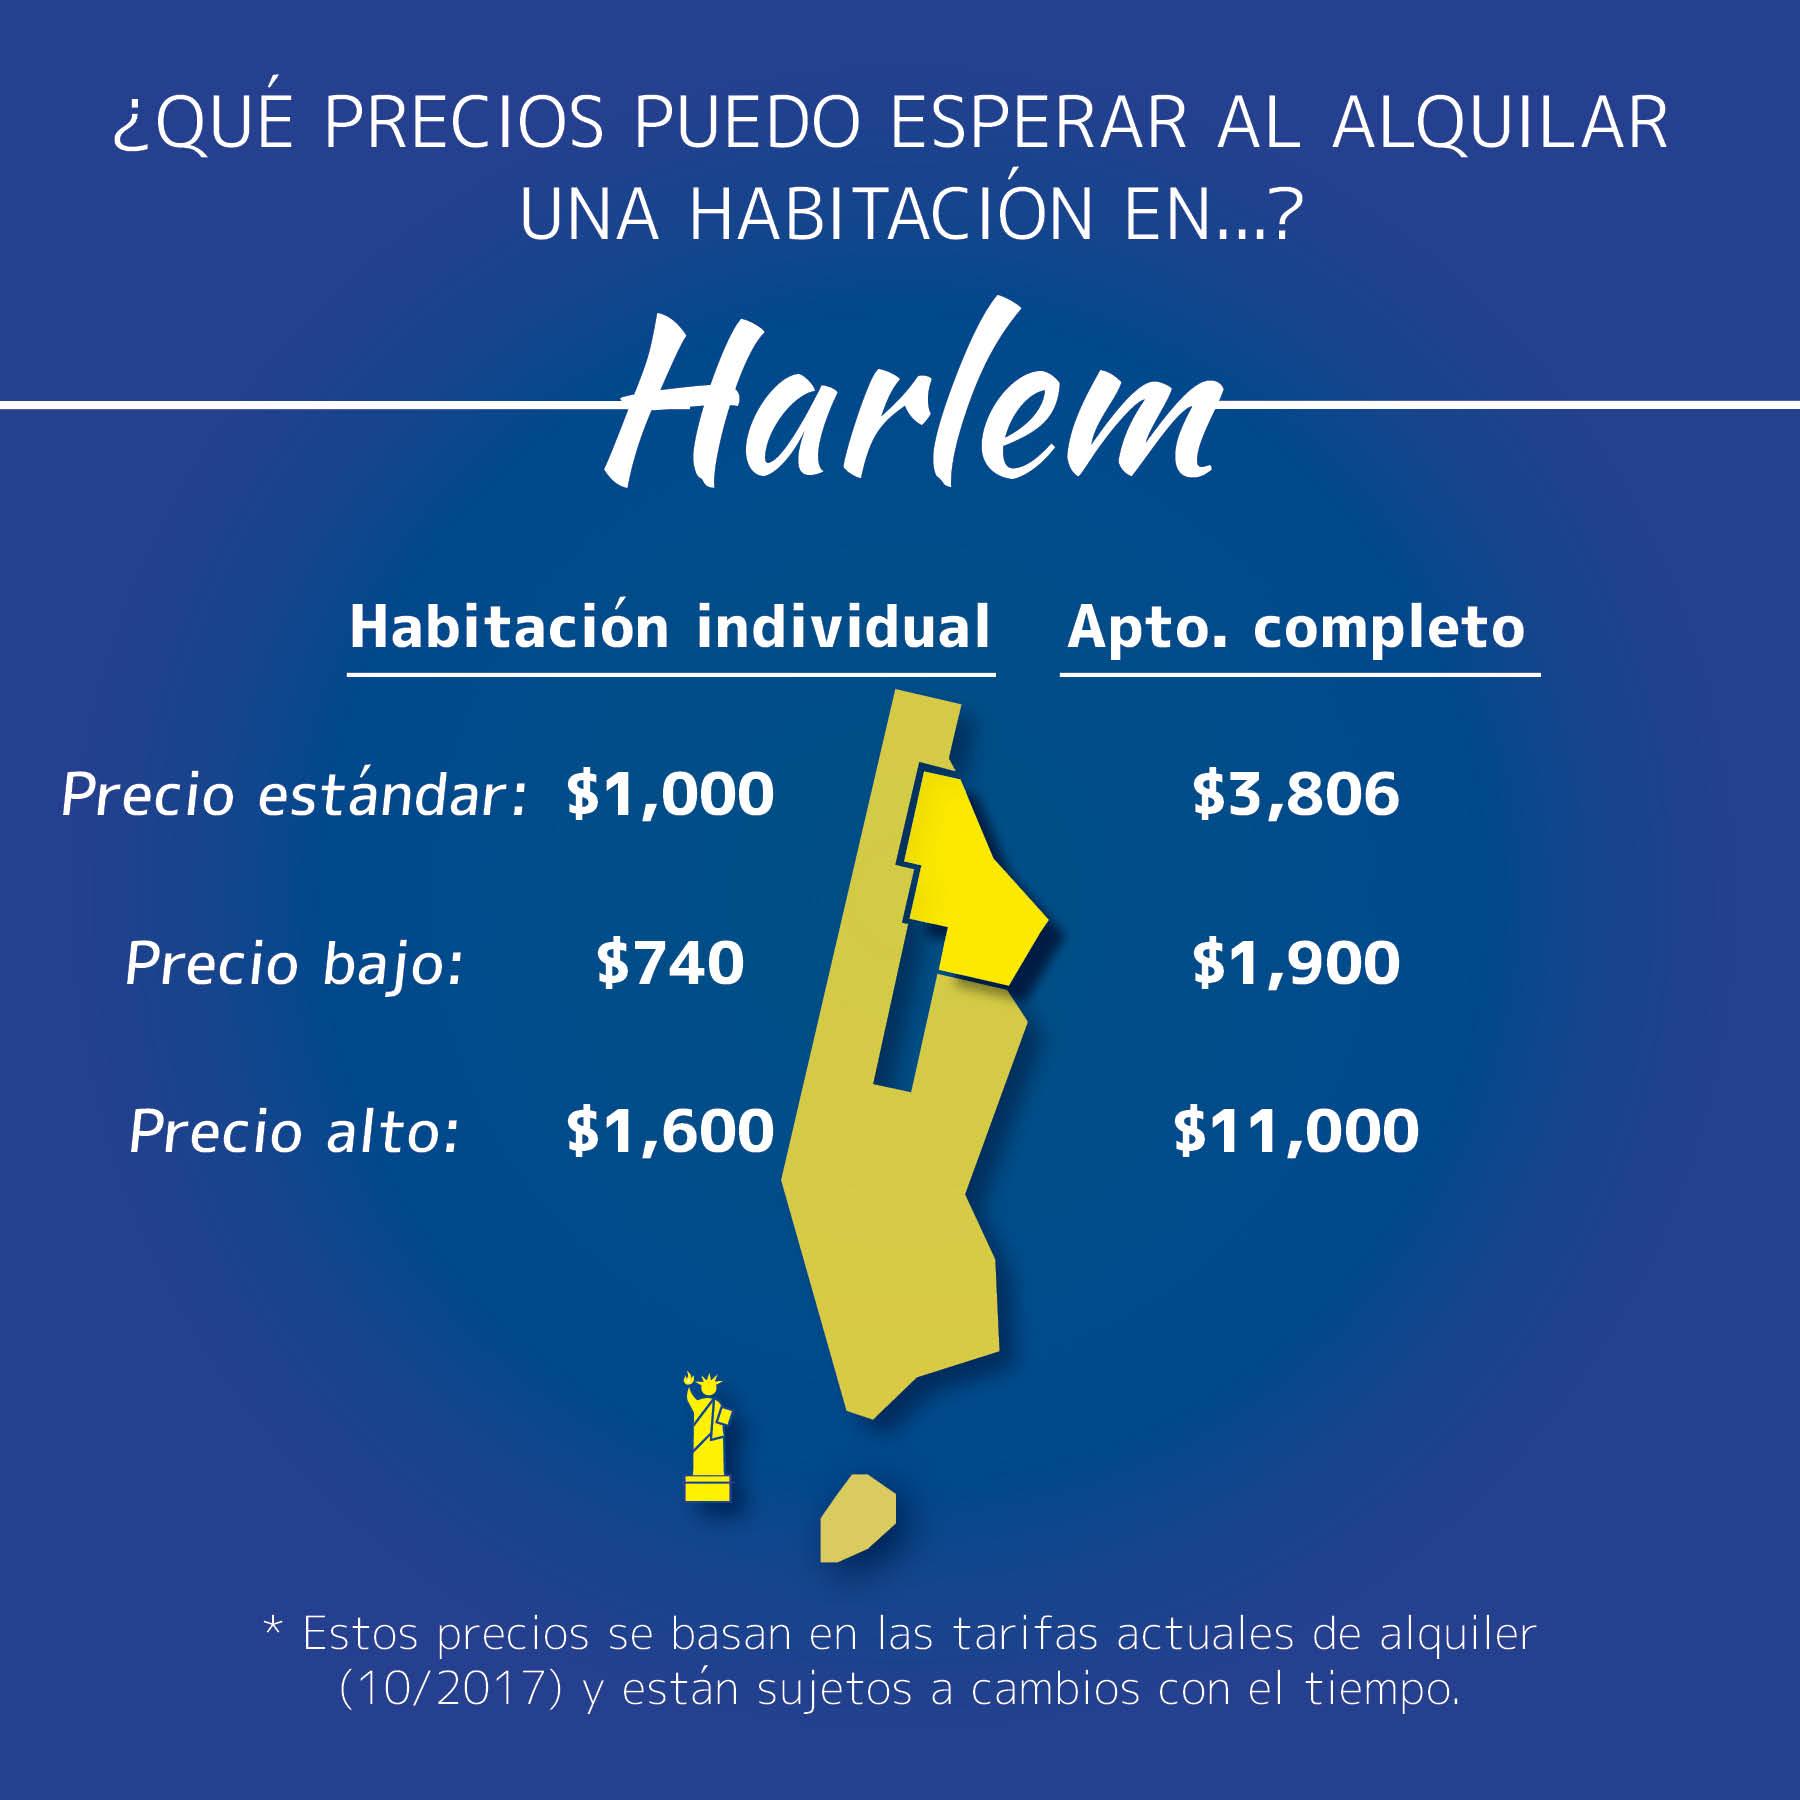 Infografía de los precios de las habitaciones en Harlem, Manhattan